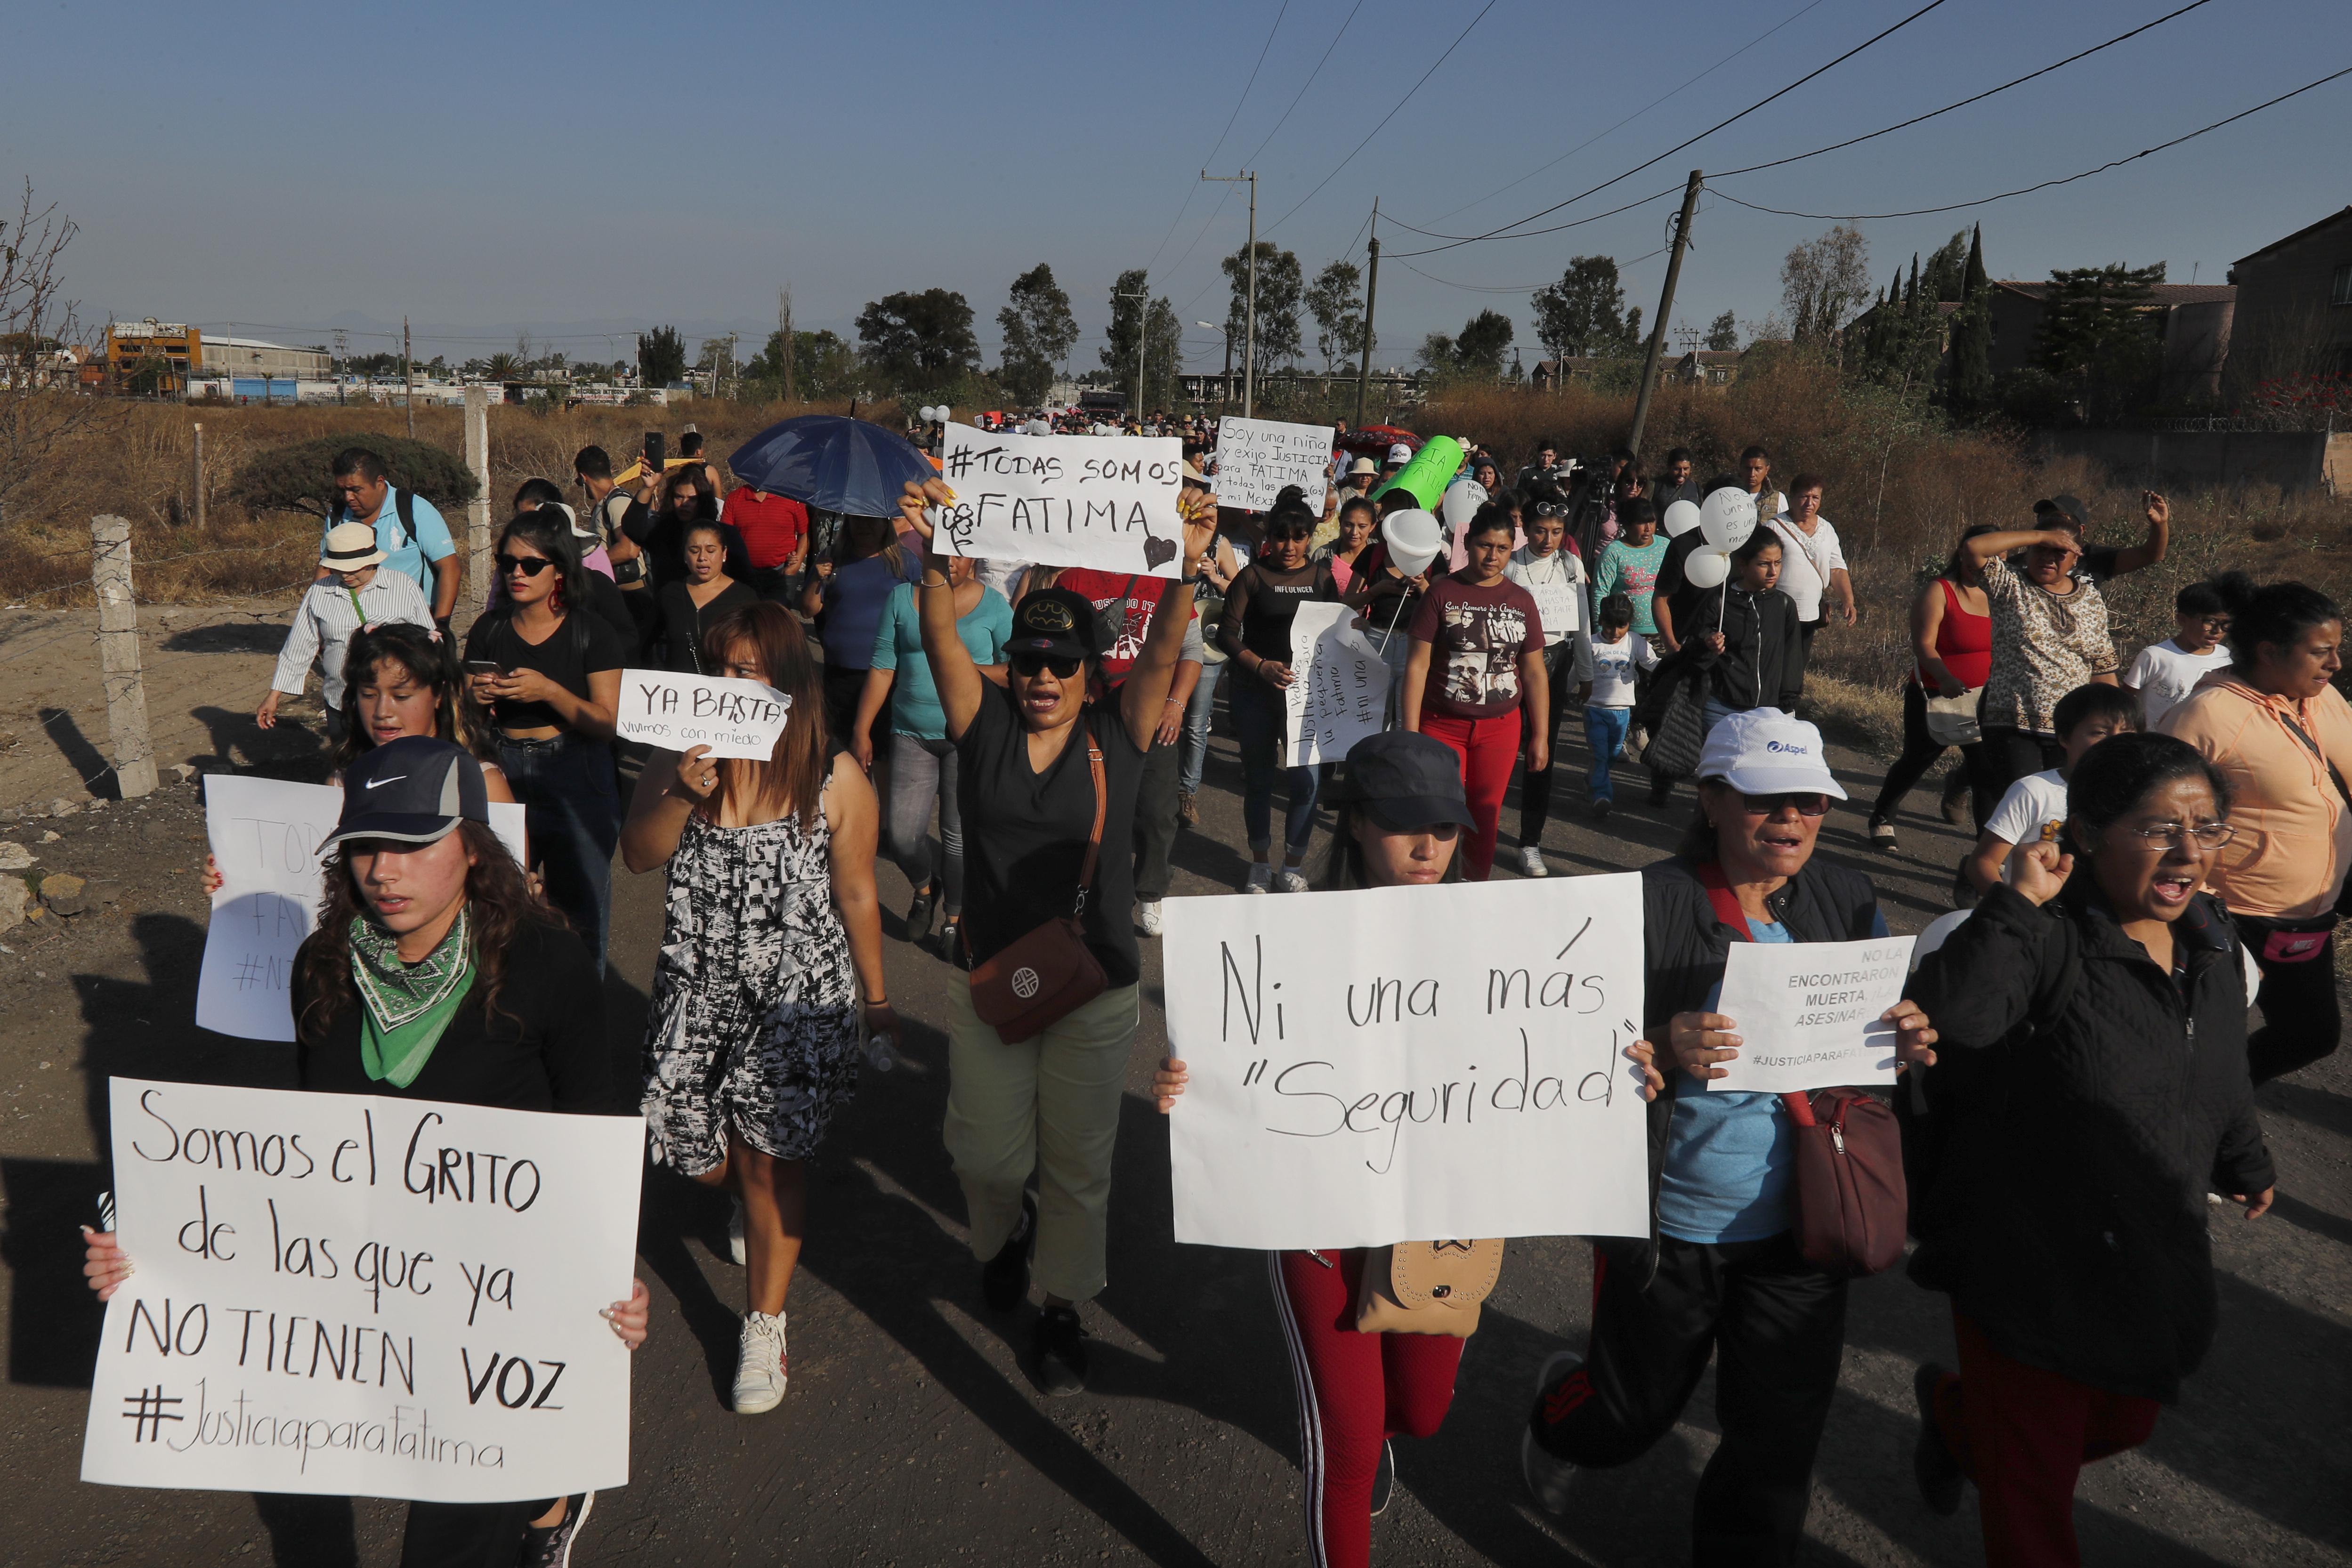 احتجاجات بعد تزايد العنف ضد النساء في المكسيك